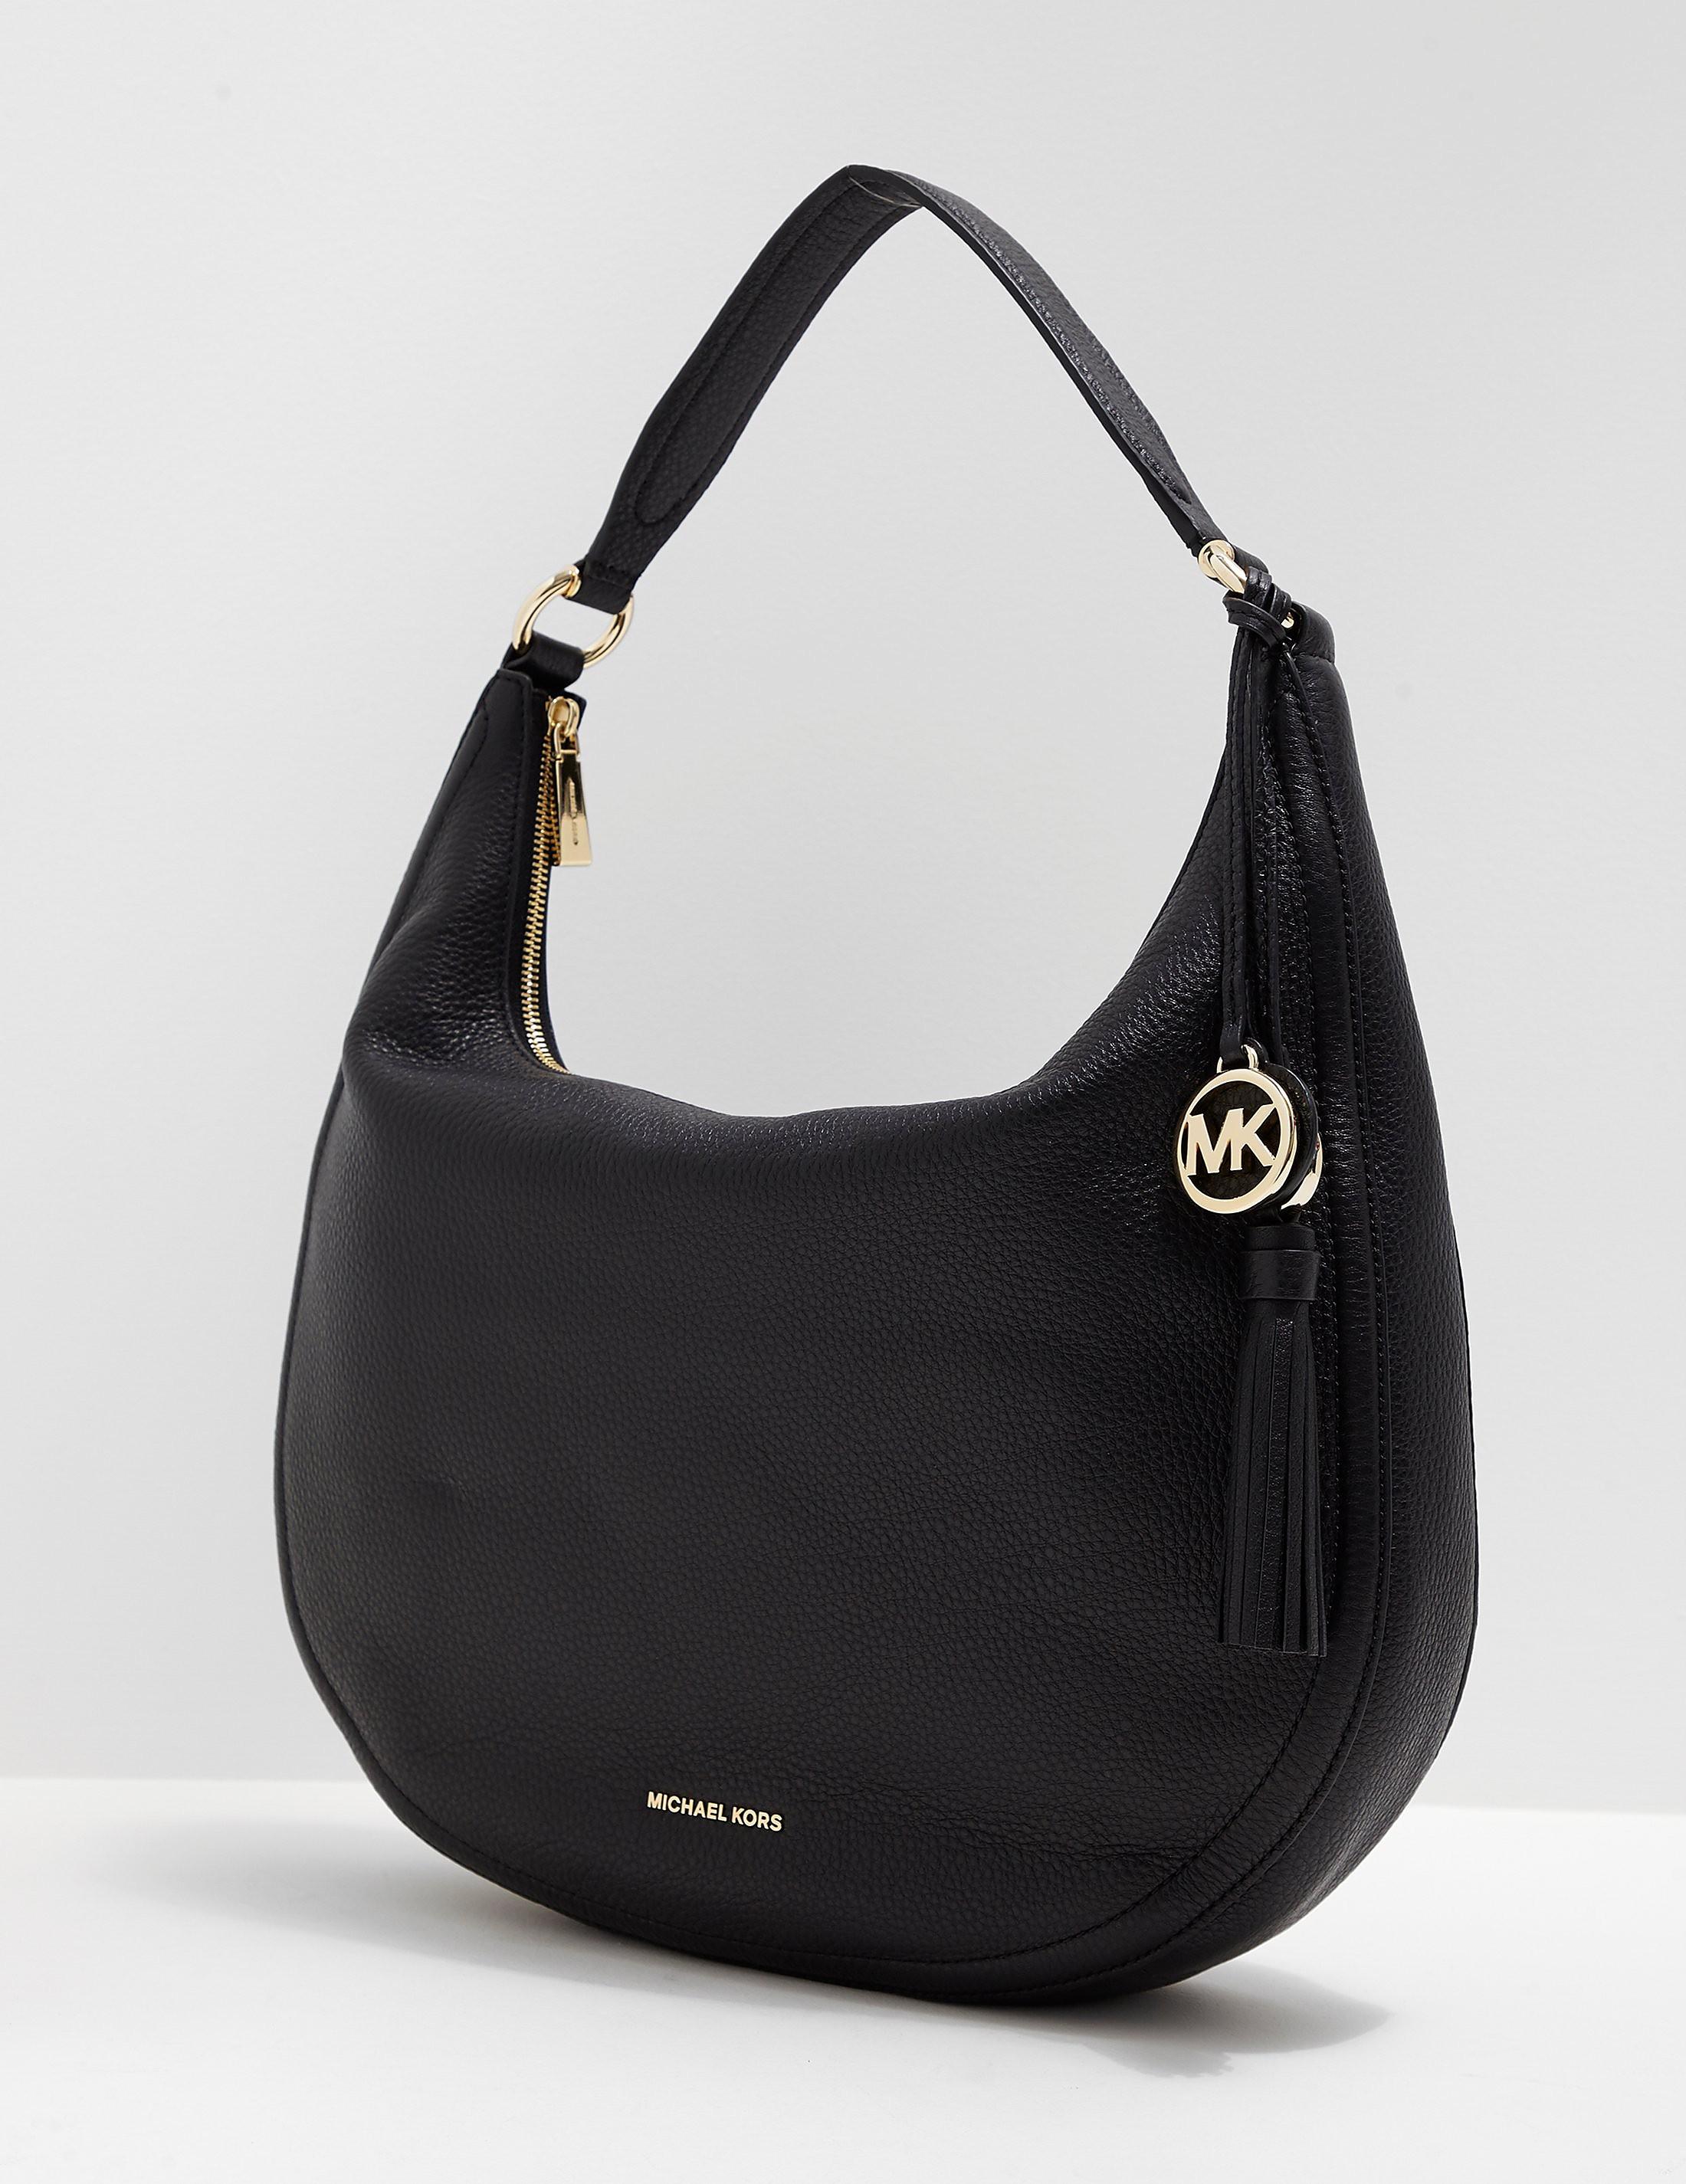 Michael Kors Lydia Hobo Shopper Bag